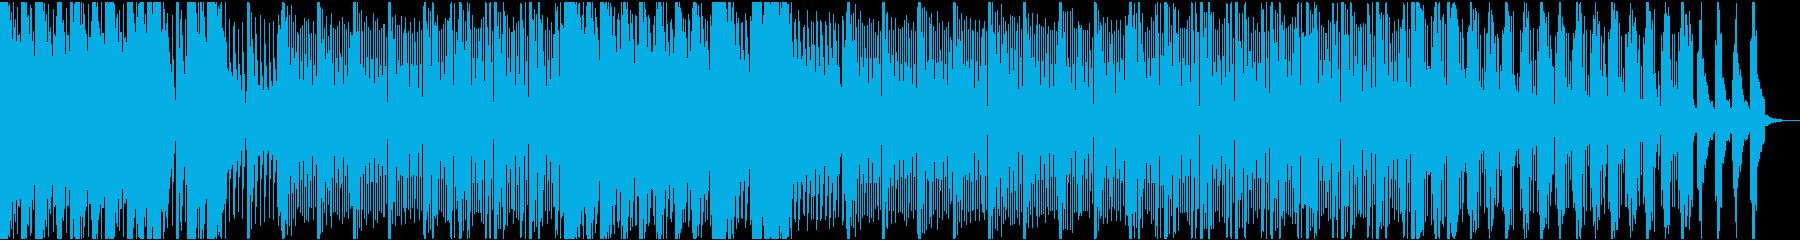 低音のシンセ音が大人な雰囲気のEDMの再生済みの波形